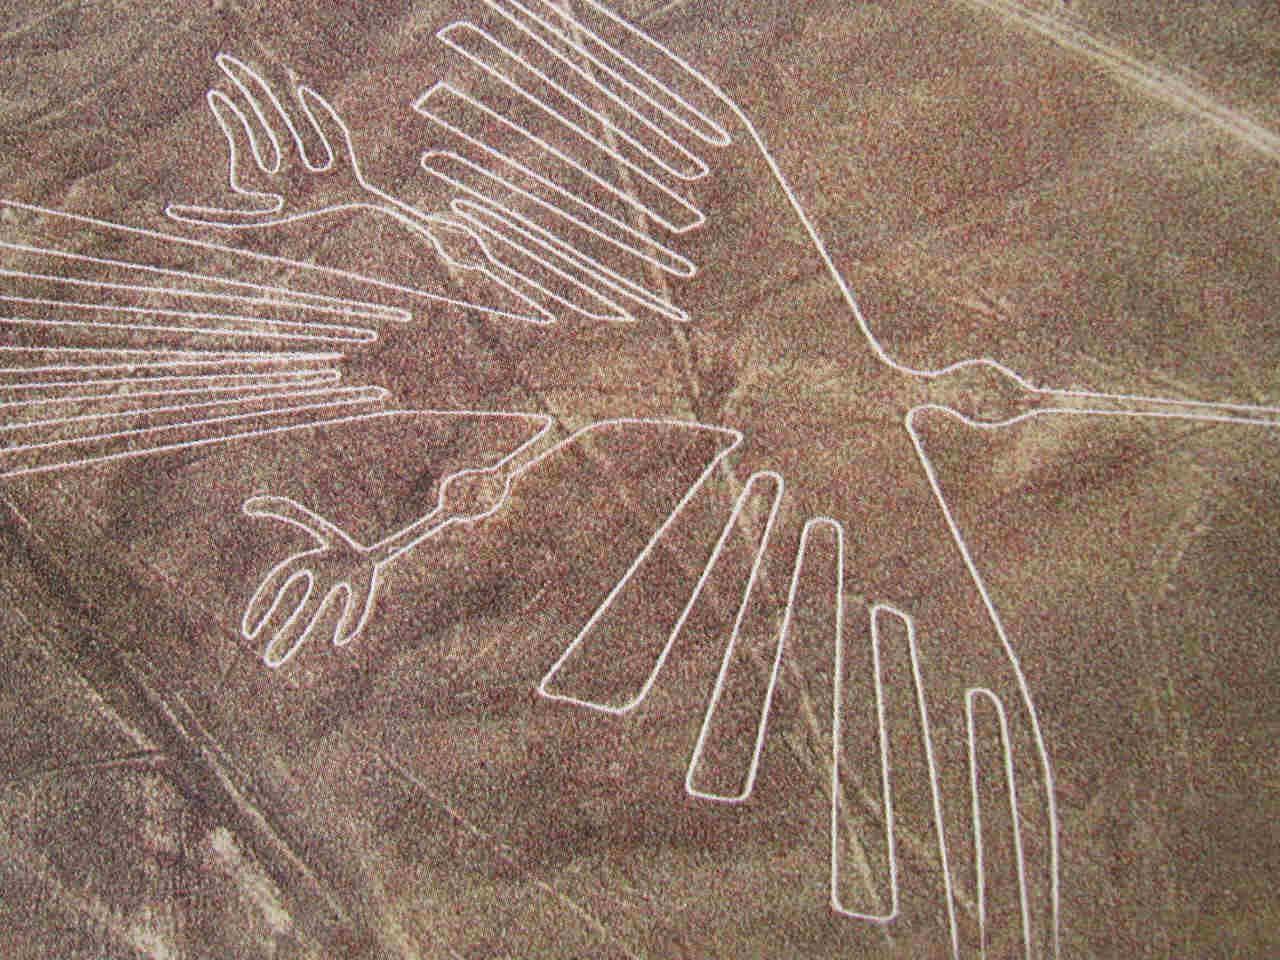 خطوط نازکا(nazcalines): این خطوط عظیم و عجیب در صحرای نازکا، یکی از موارد ادعایی طرفداران بیگانه های باستانی است.